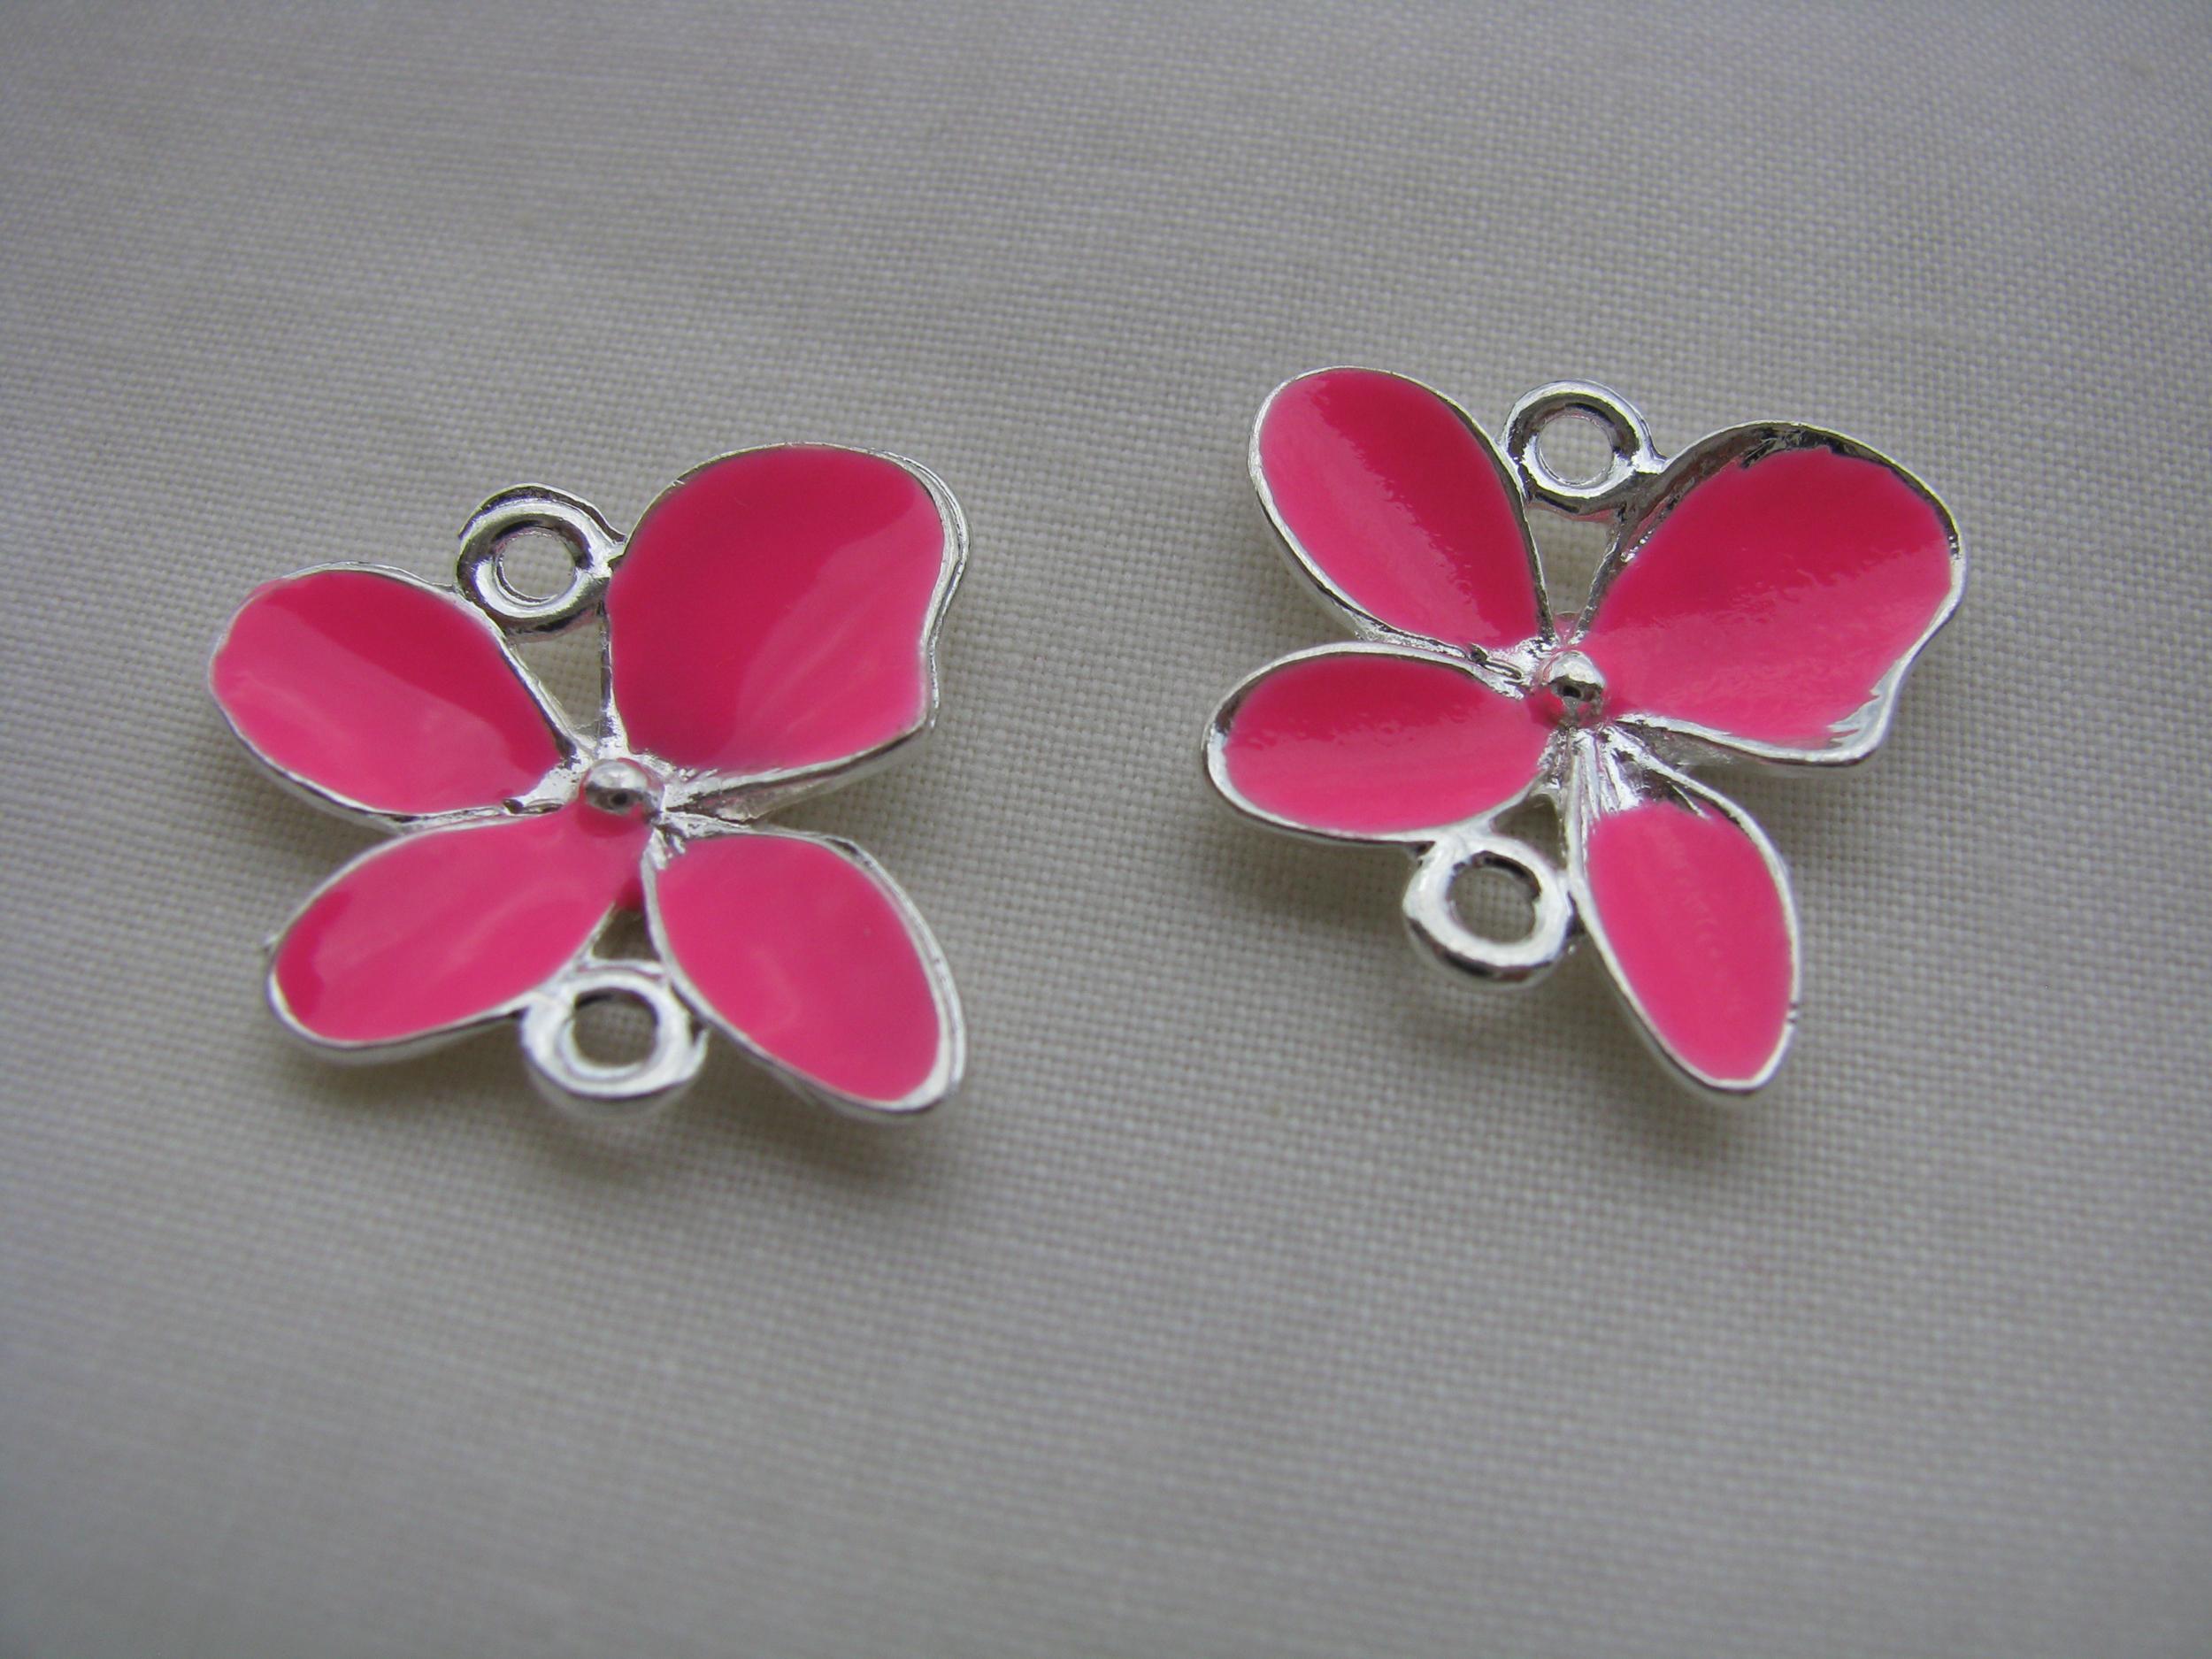 Pendentif connecteur émaillé breloque charms papillon rose fluo